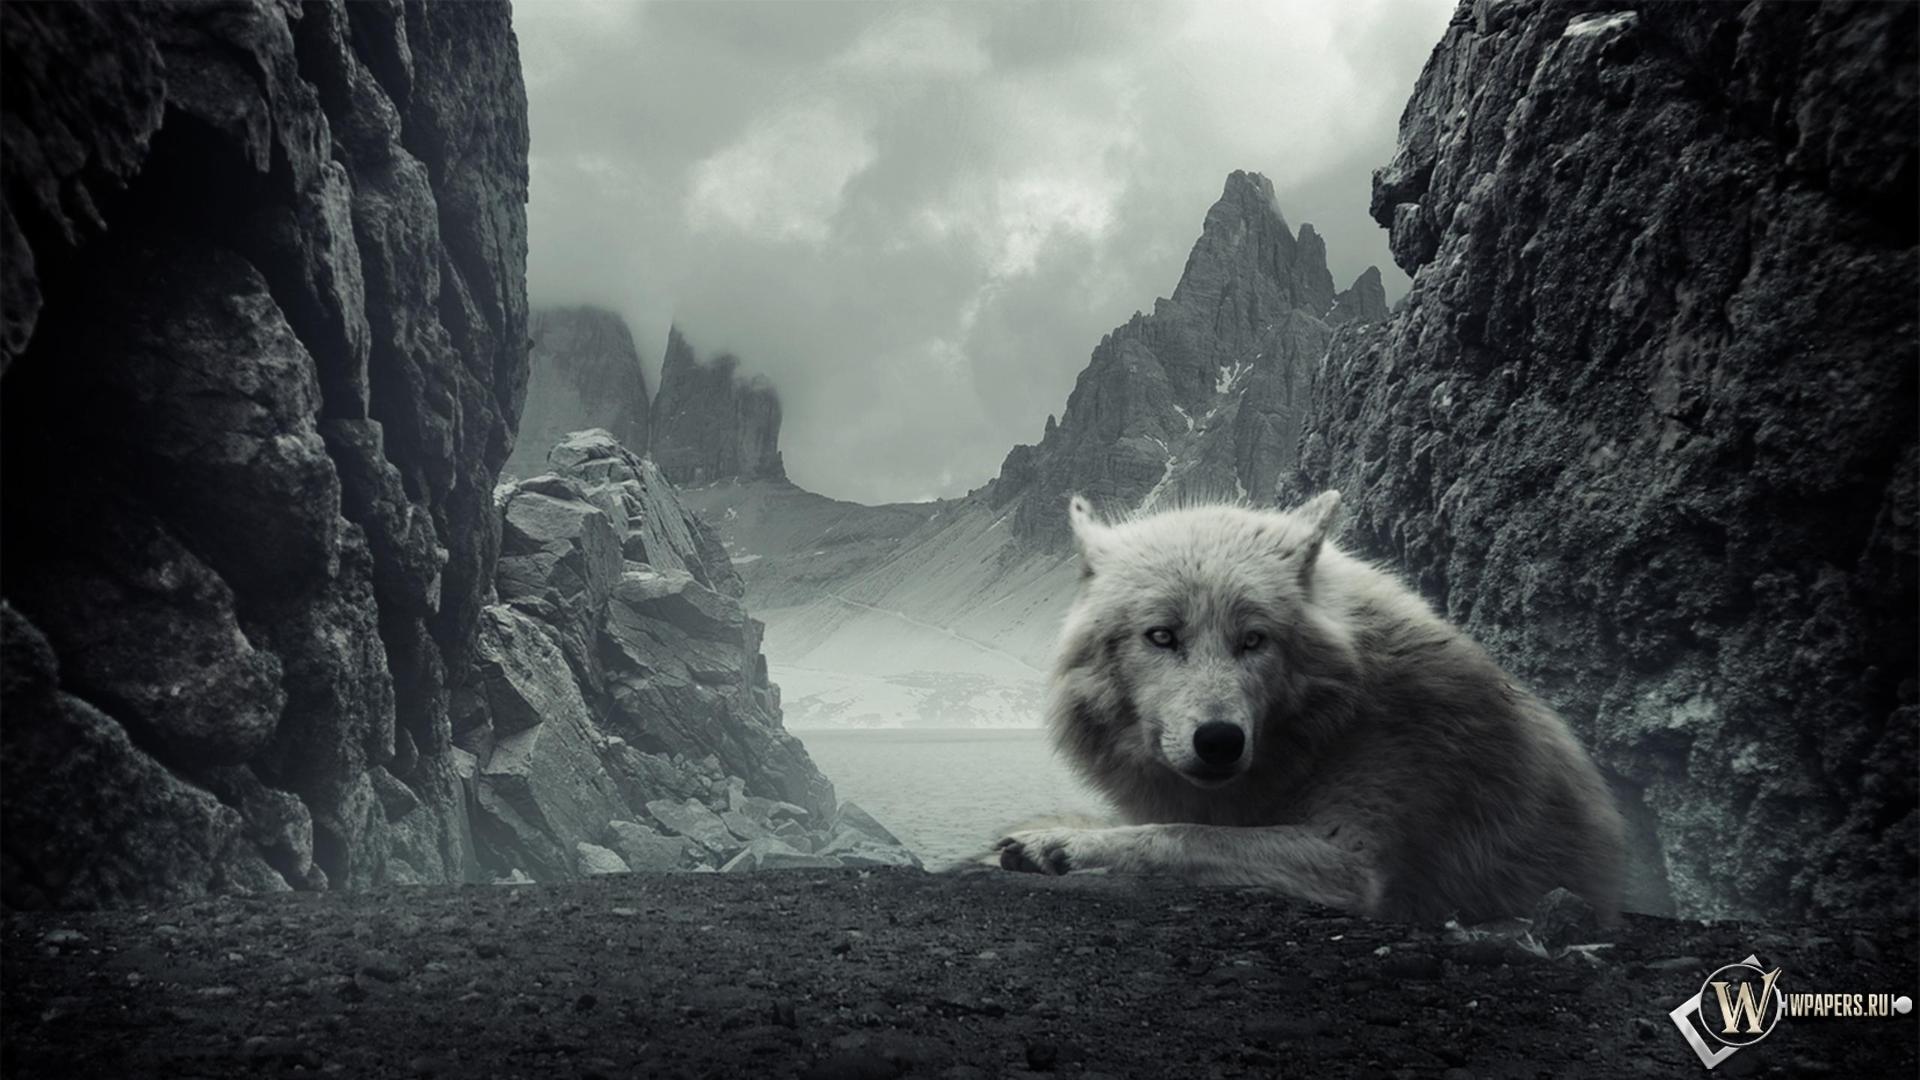 Картинки на рабочий стол скачать бесплатно волки 15